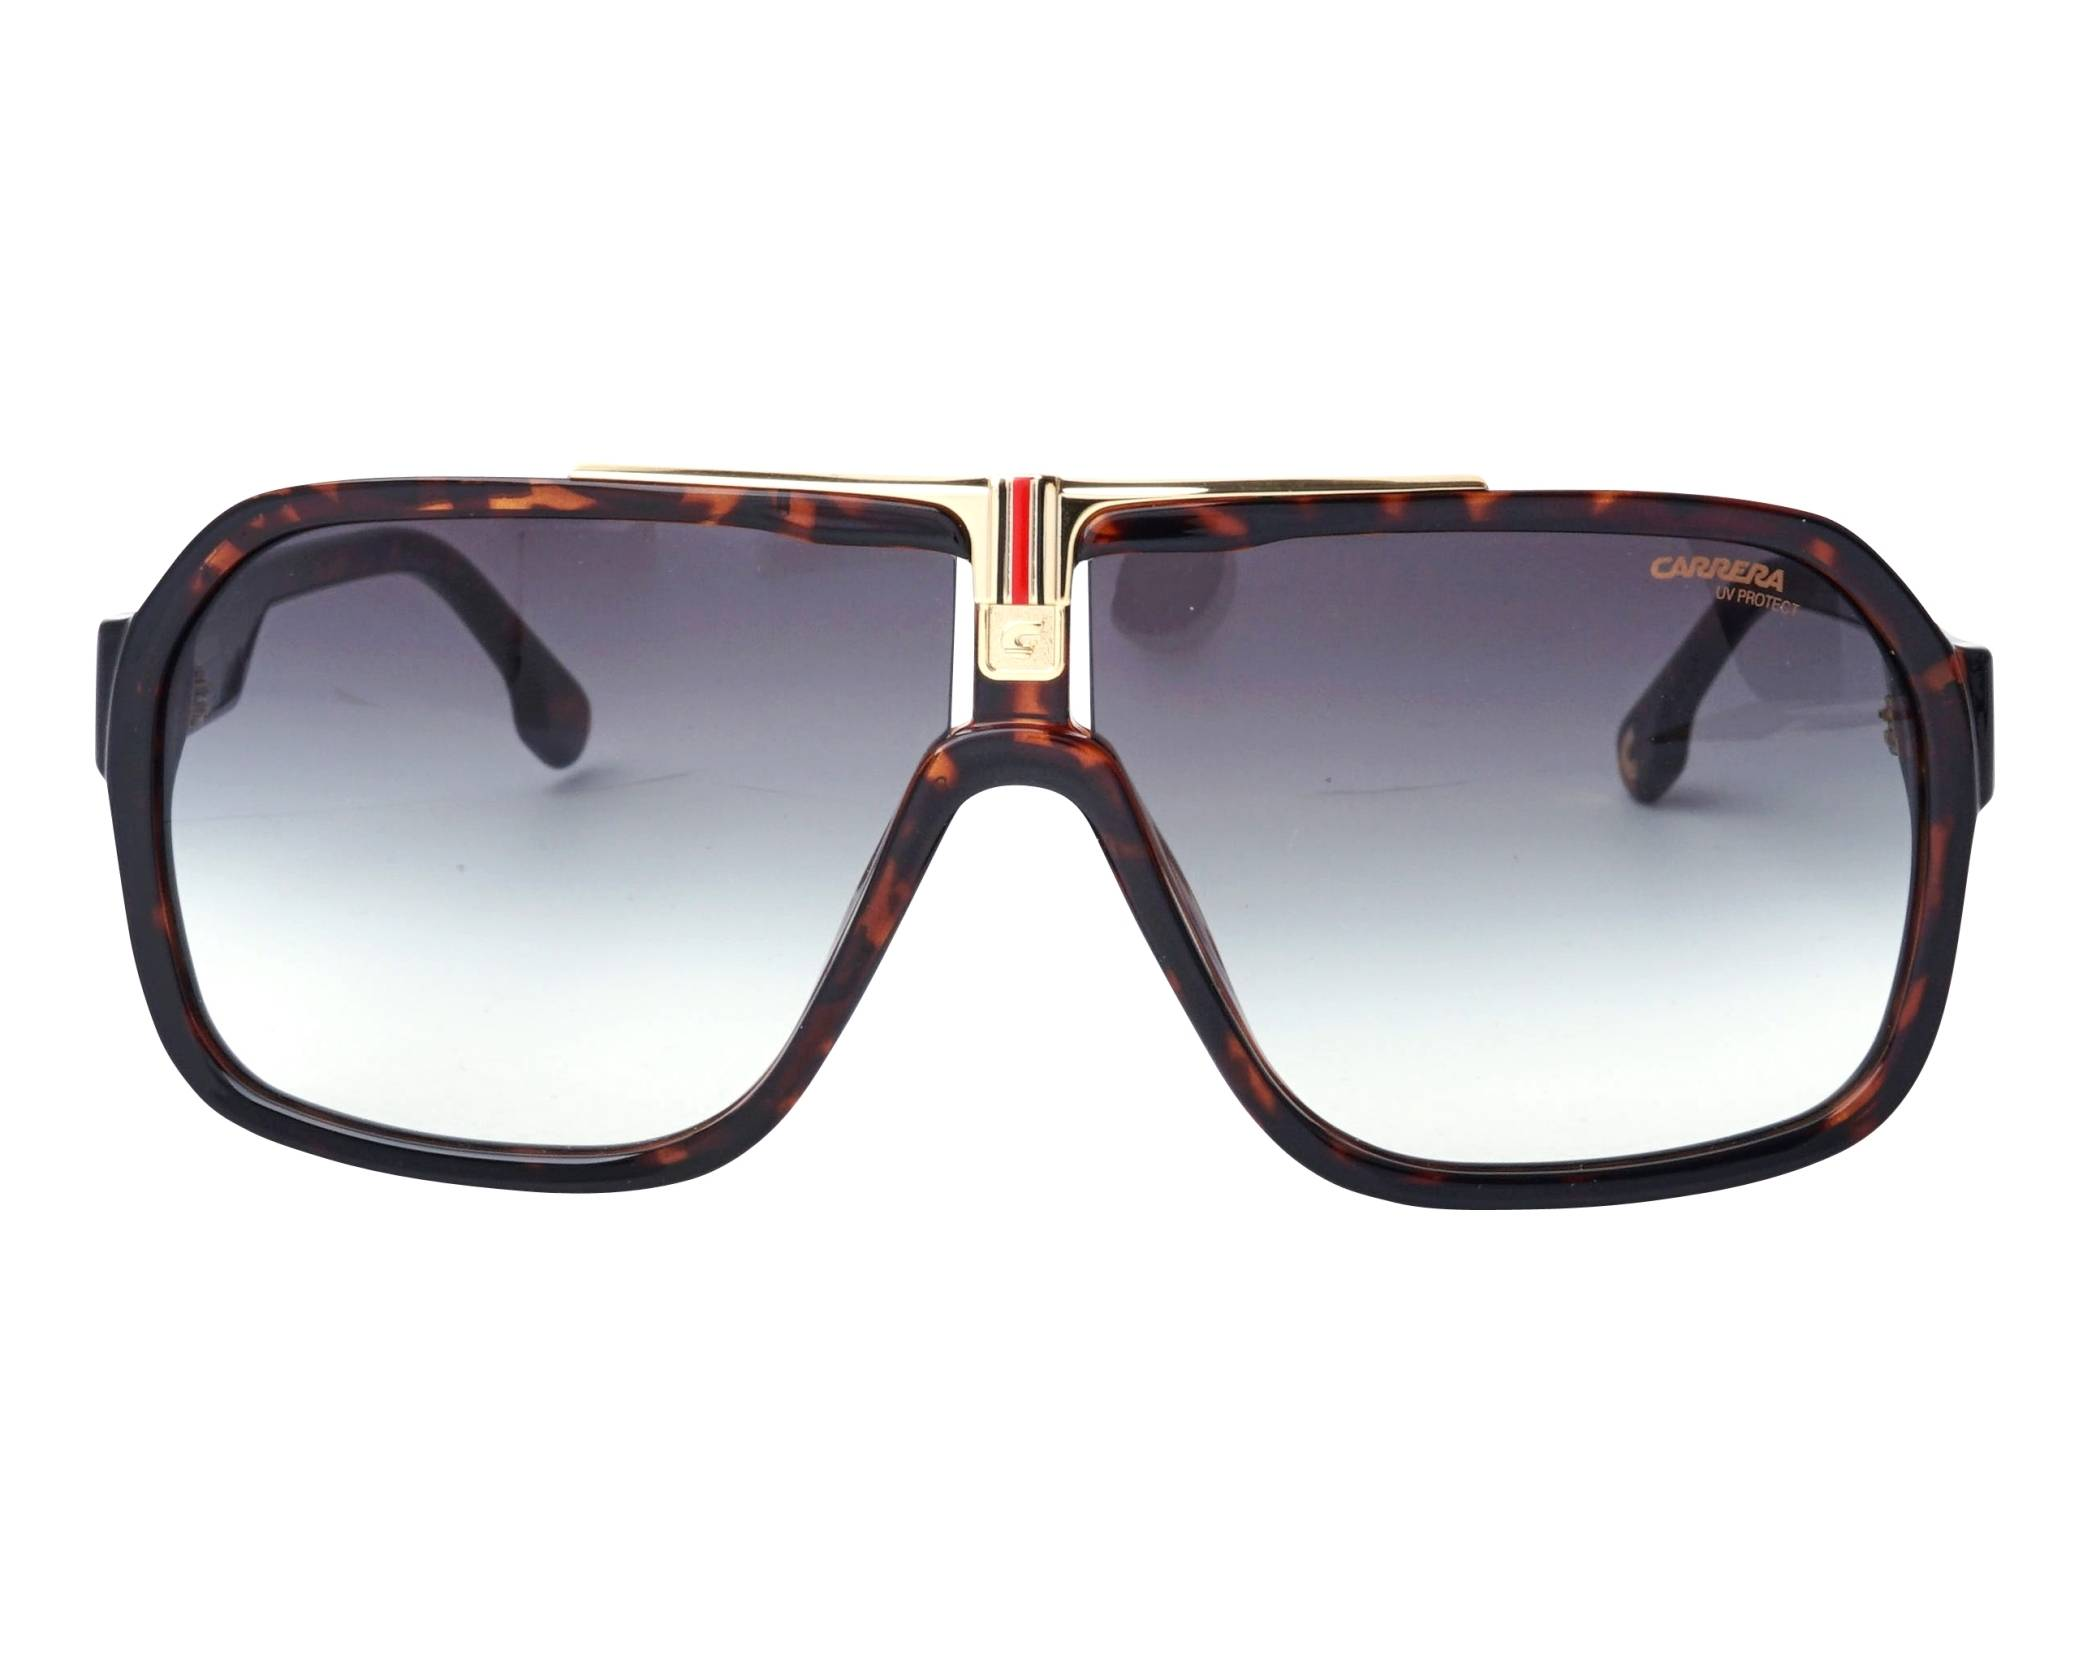 d138bbd196 Gafas de sol Carrera 1014-S 086 - Havana vista de frente